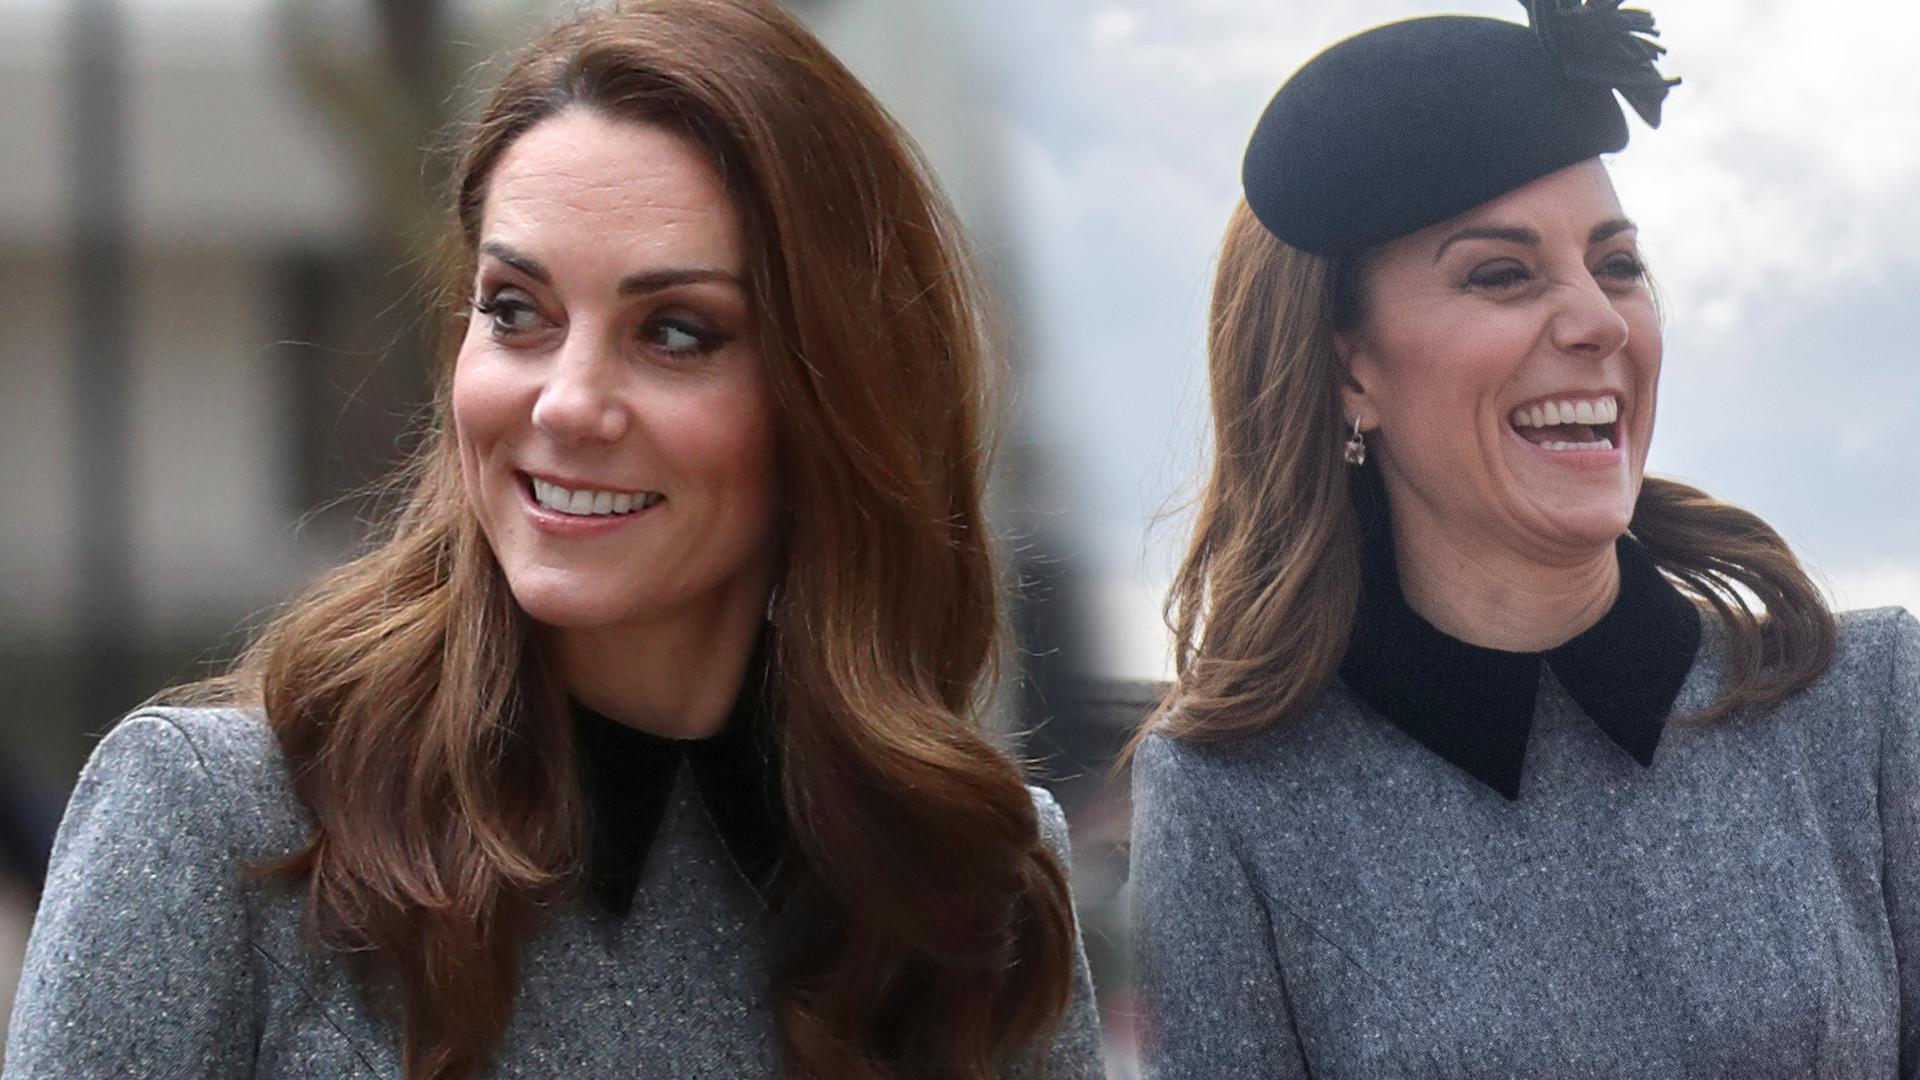 Księżna Kate na spotkaniu z królową Elżbietą – spójrzcie na jej szczupłe nogi! (ZDJĘCIA)